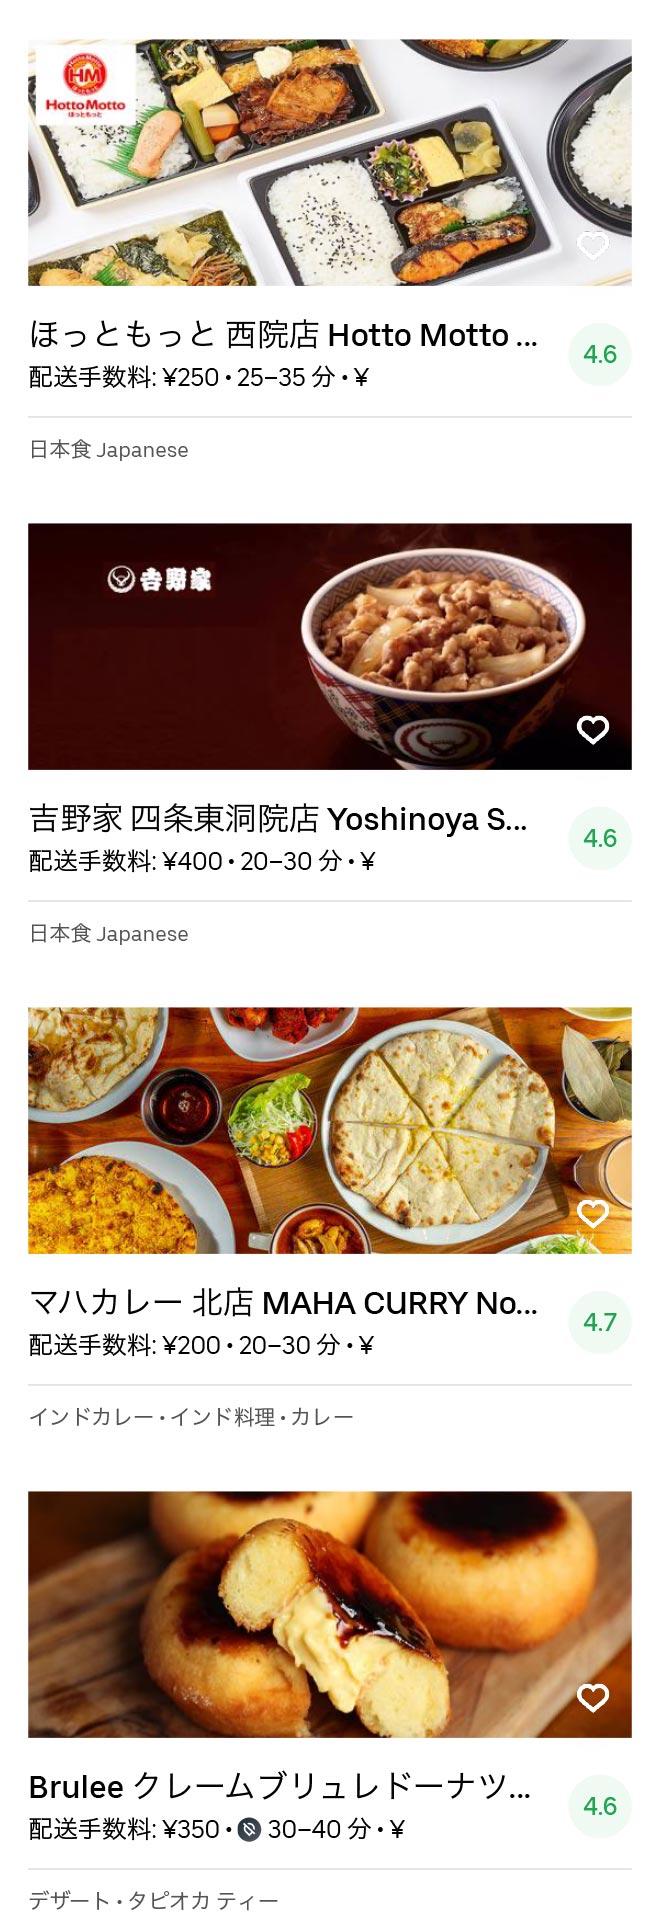 Kyoto hanazono menu 2005 07